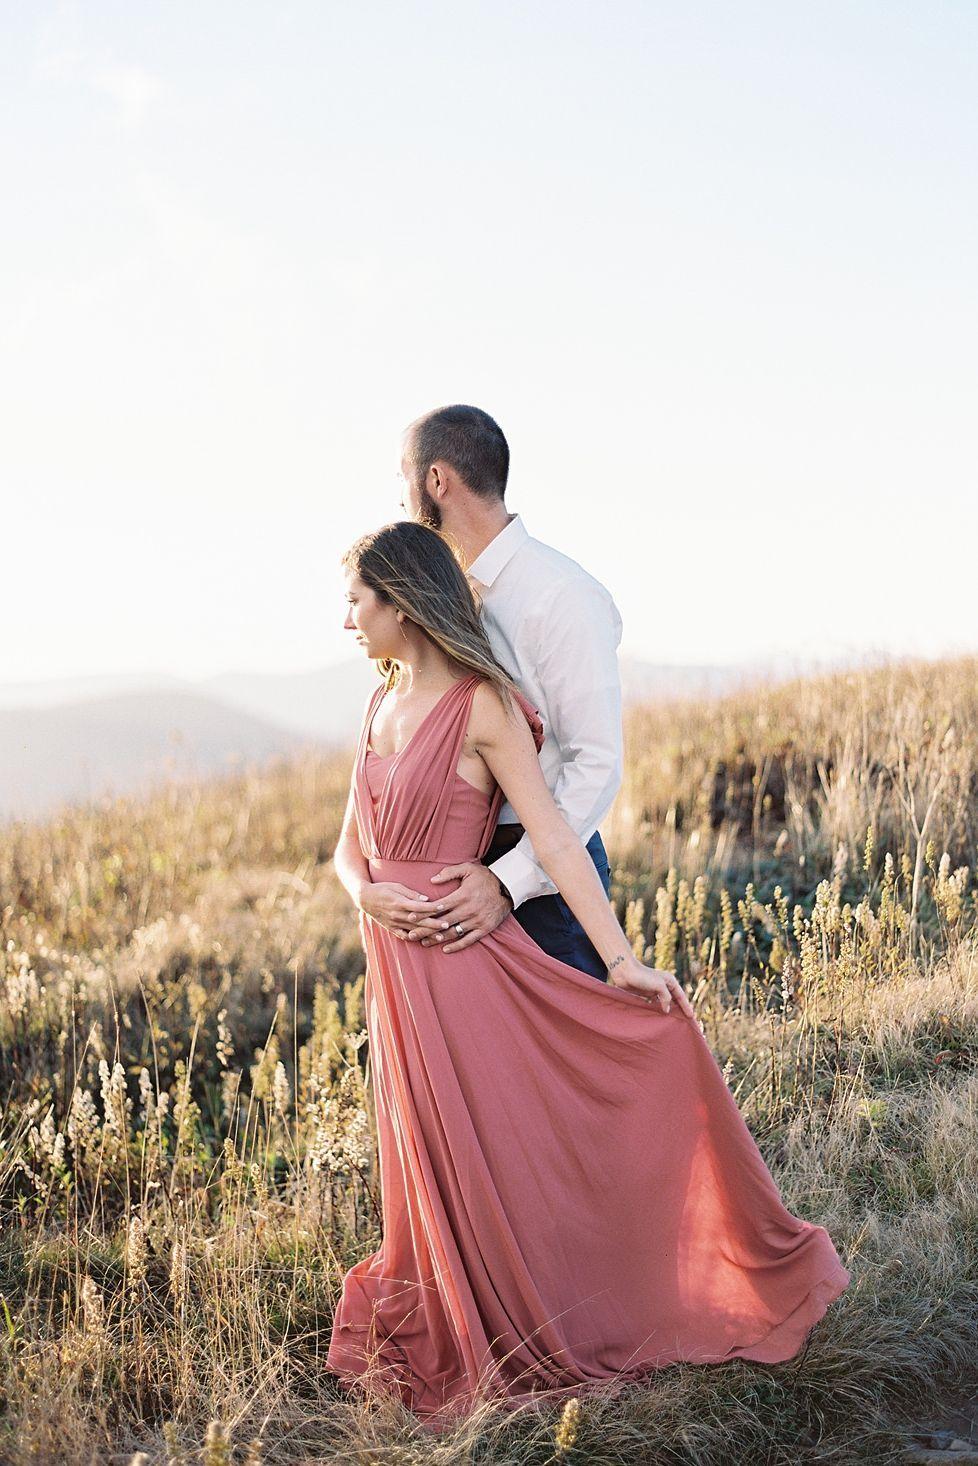 Southeast + Destination Fine Art Film Wedding & Portrait